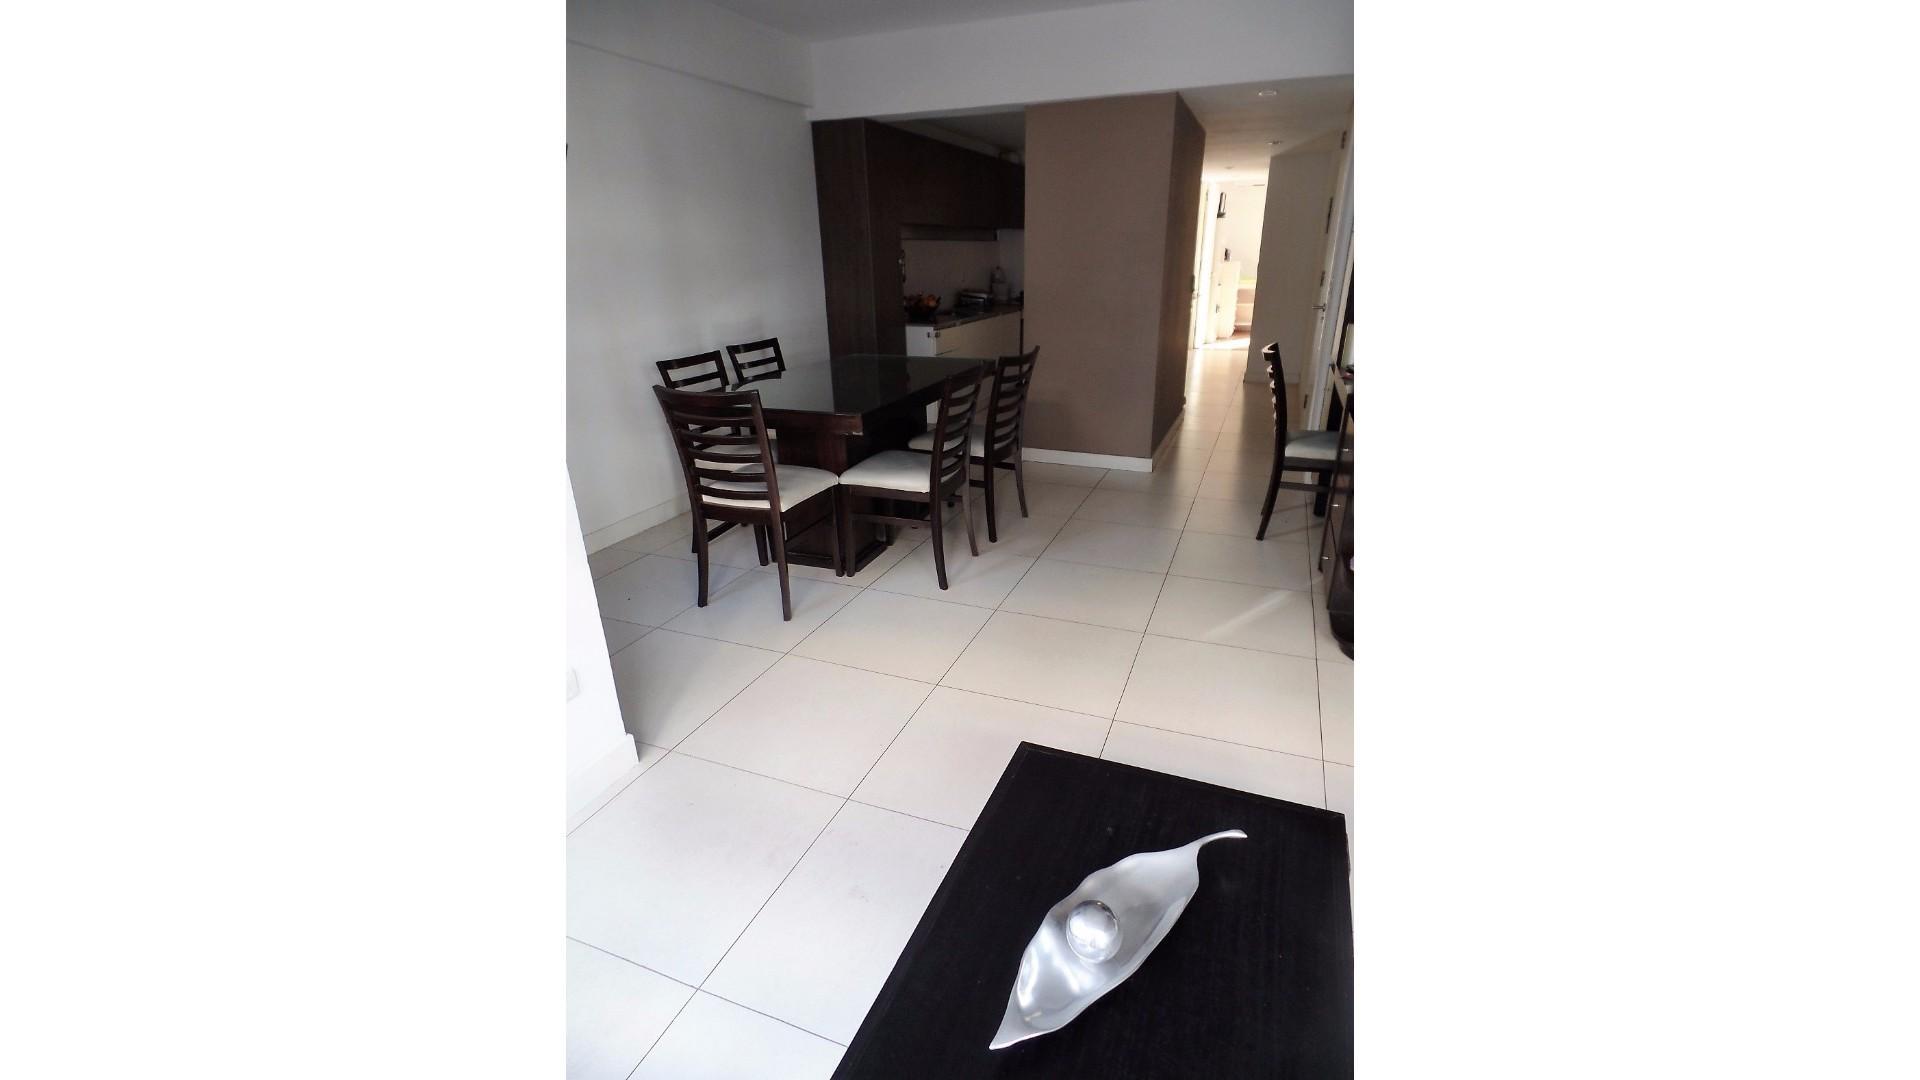 Dueño vende excelente departamento 3 ambientes con cochera y baulera.